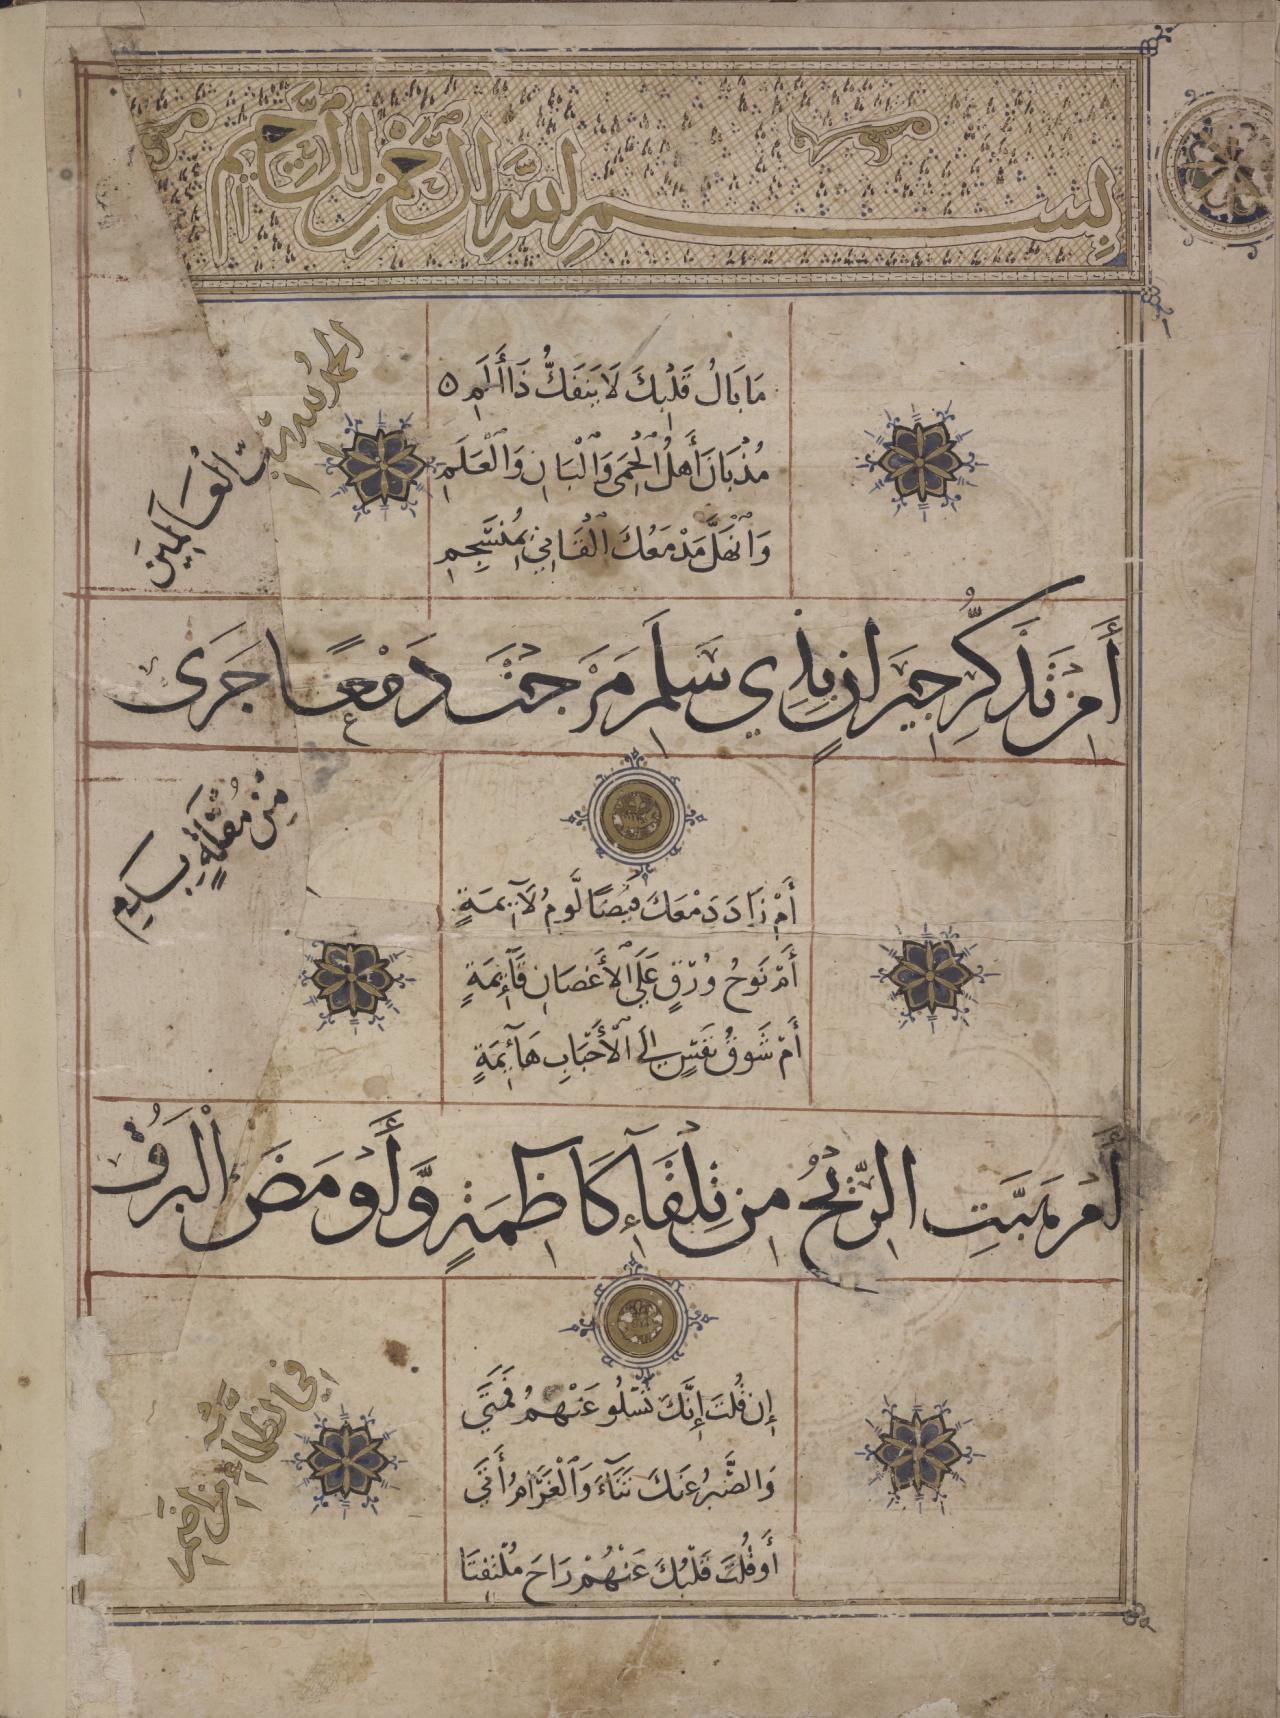 صورة شعر في مدح الرسول , من هم شعراء النبي صلى الله عليه وسلم